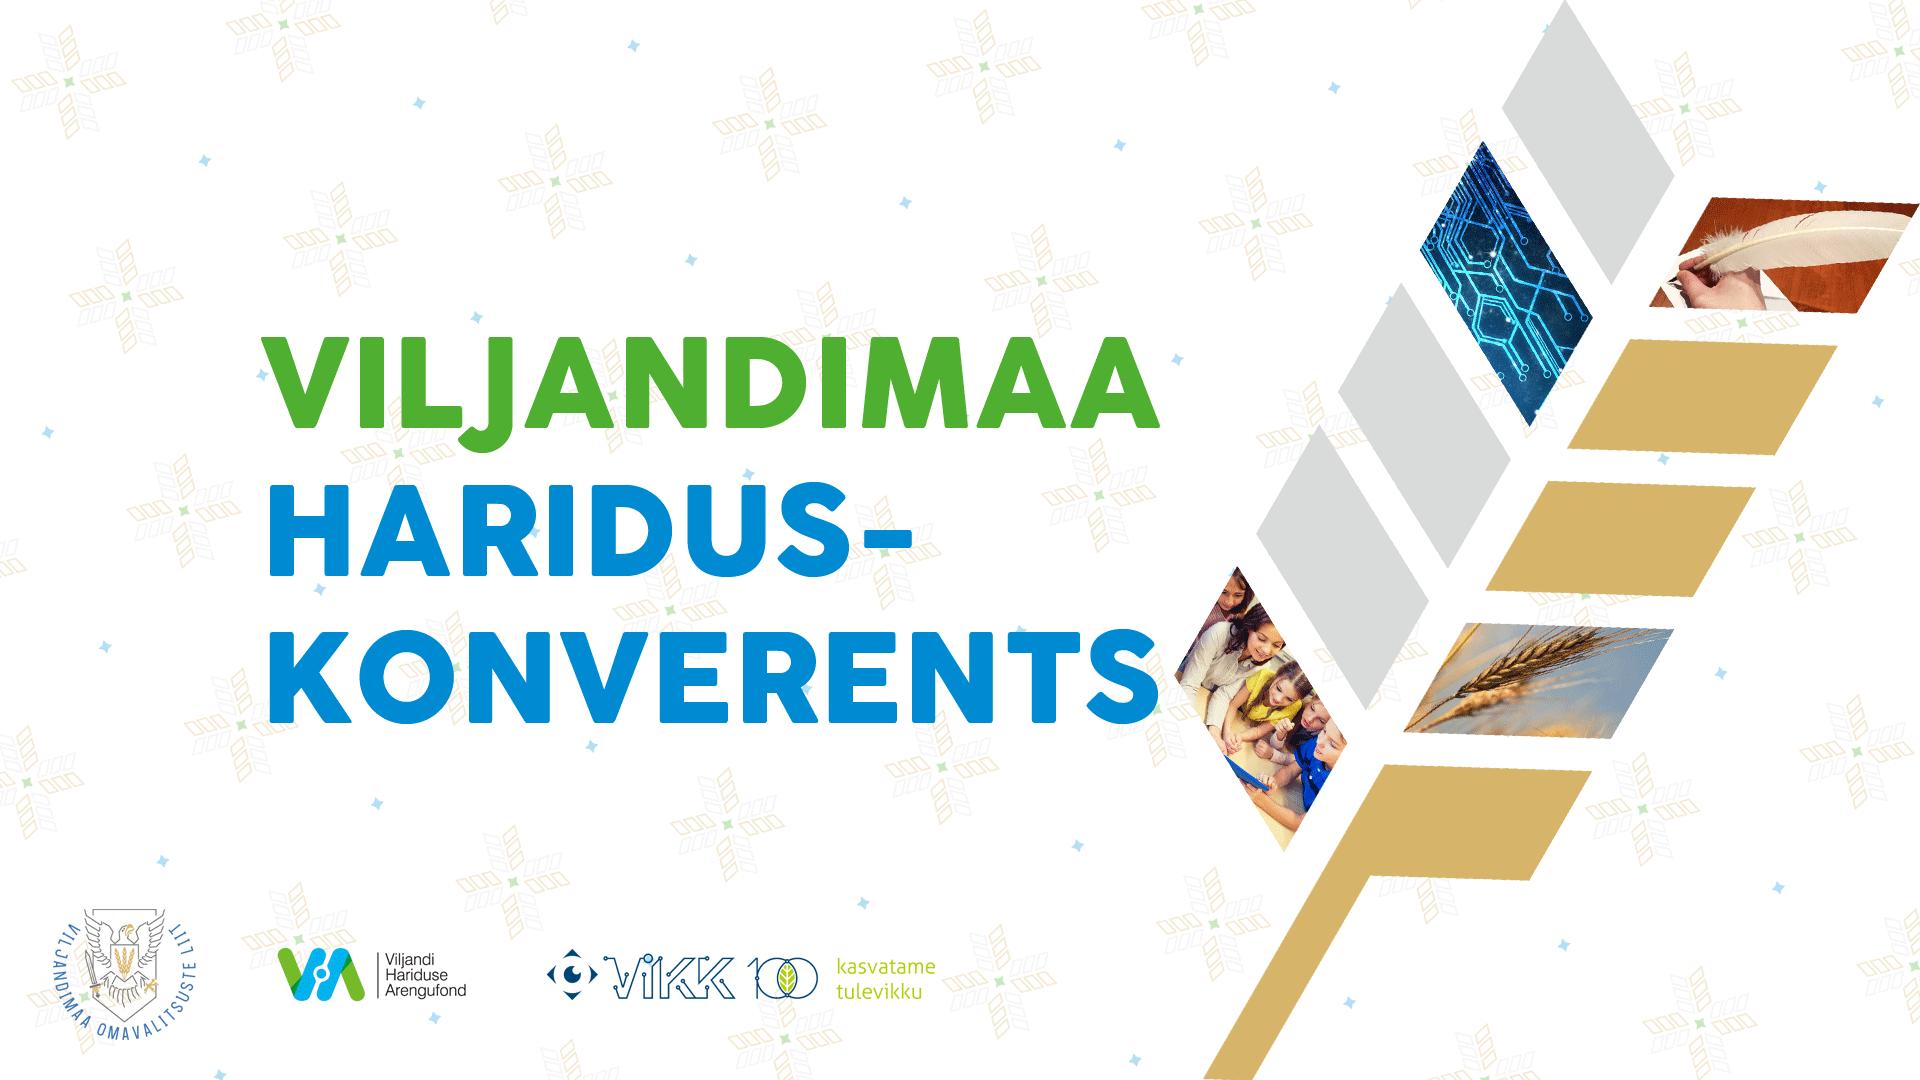 Viljandimaa hariduskonverents 2019